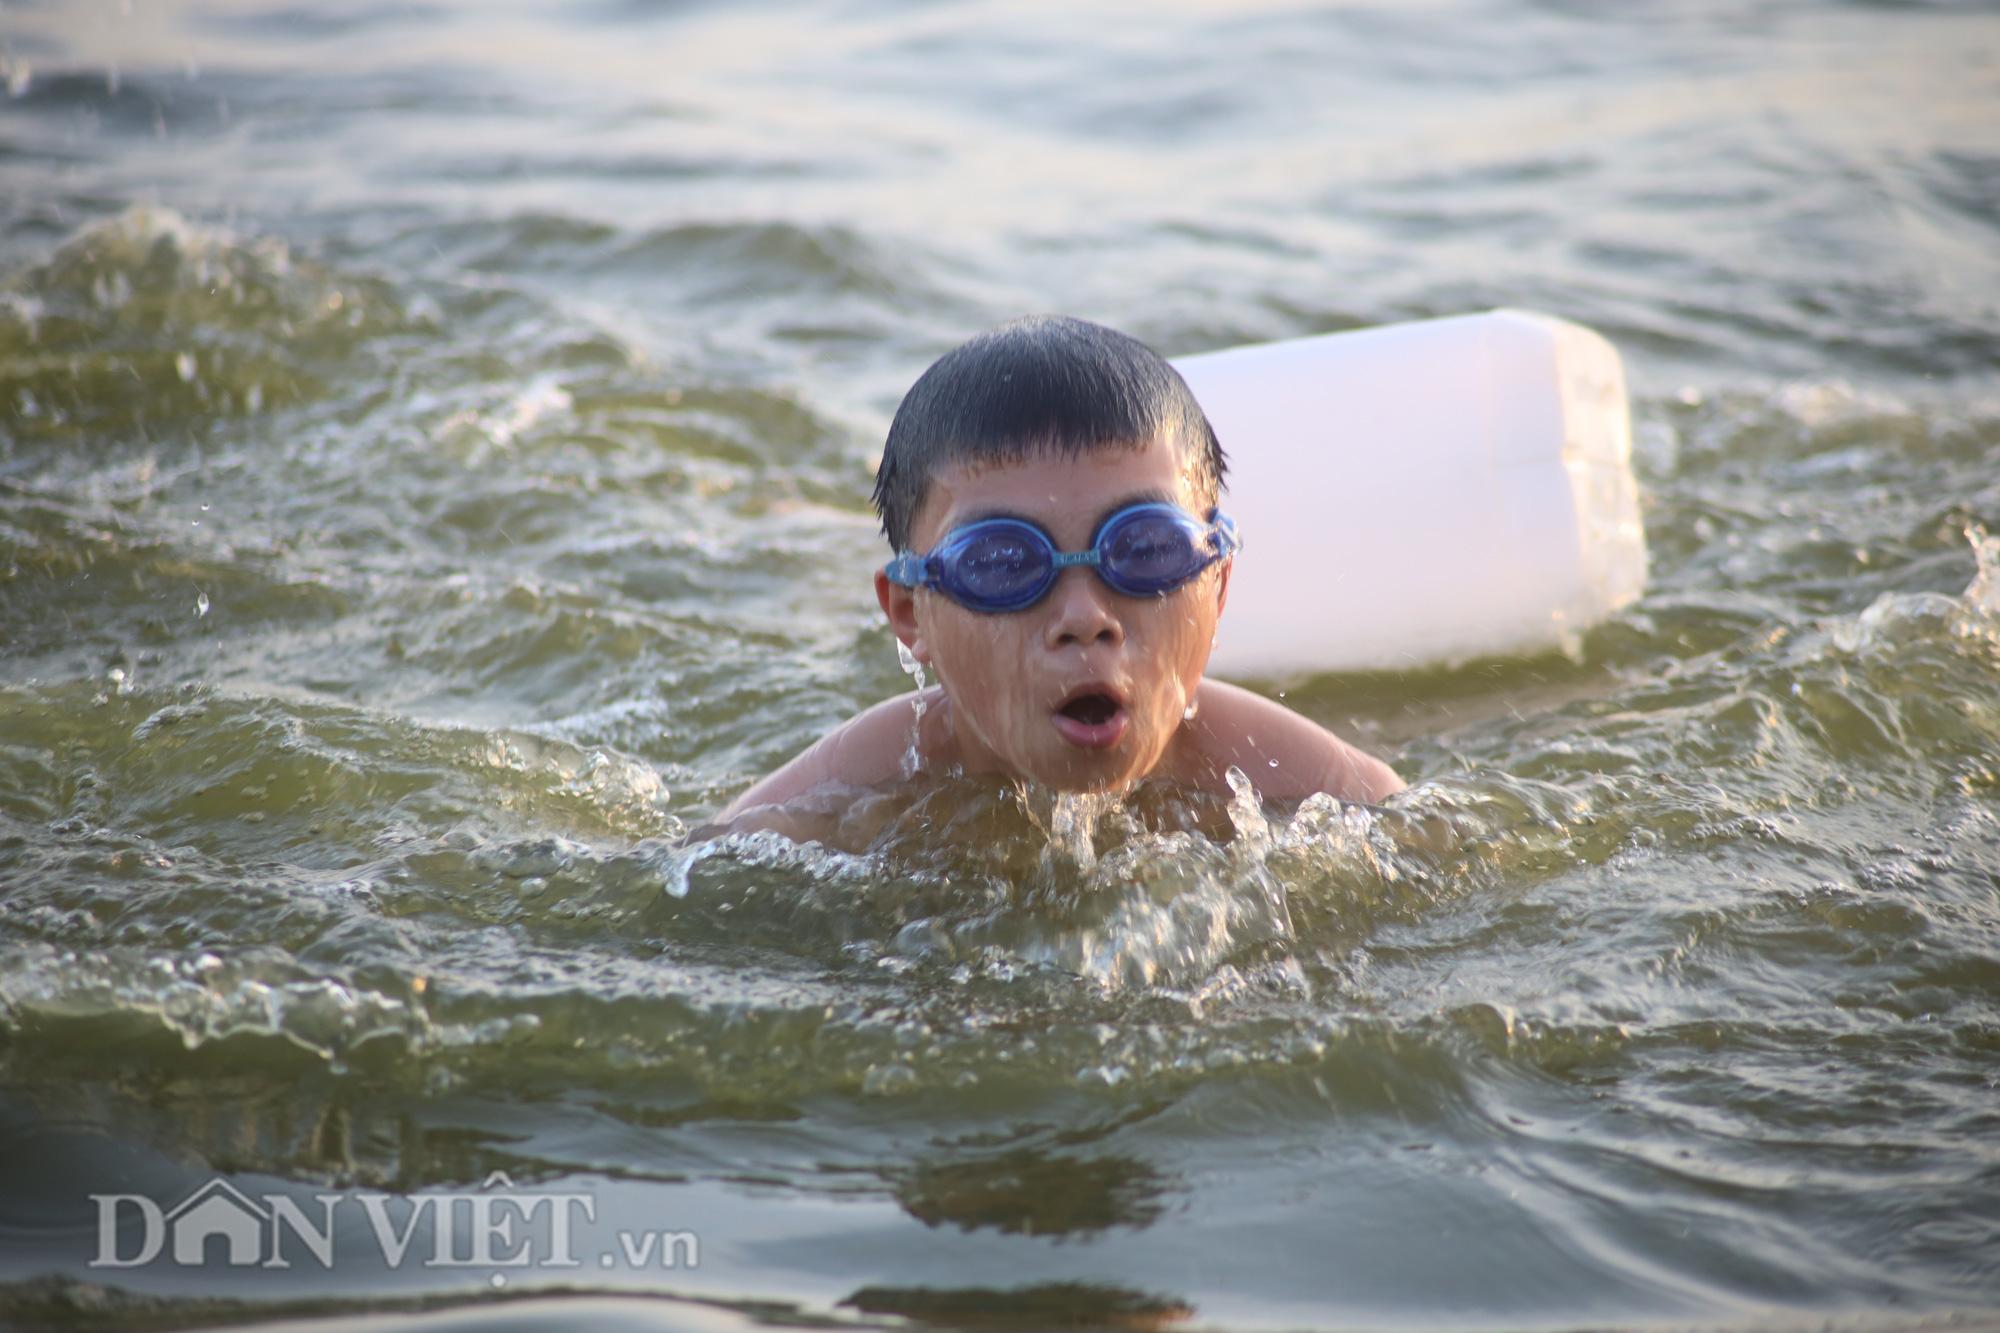 """Bất chấp cảnh báo """"nguy hiểm"""", người Hà Nội vẫn xuống hồ tắm giải nhiệt - Ảnh 9."""